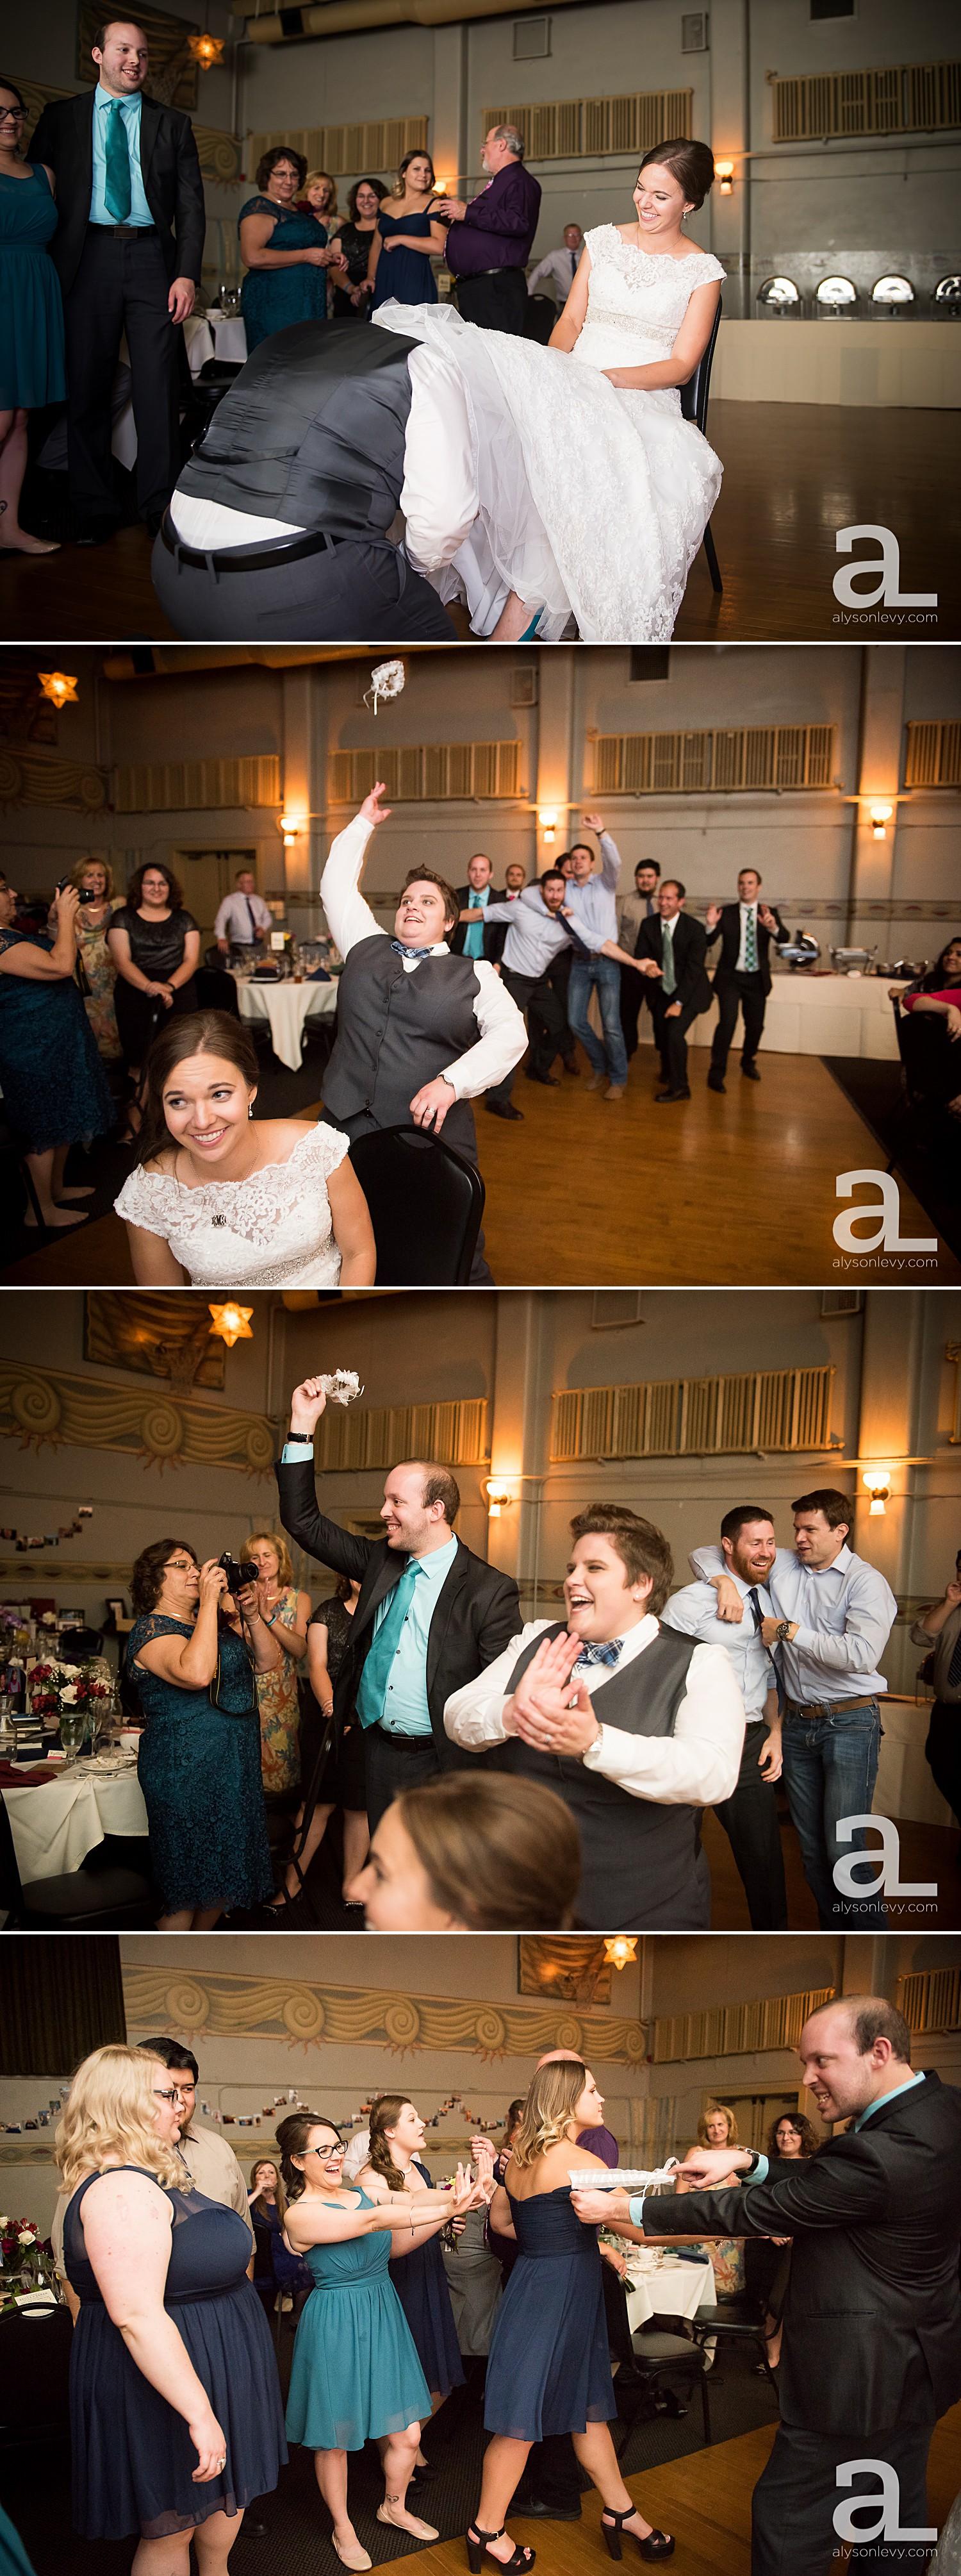 Portland-Kennedy-School-Gay-Wedding-Photography_0025.jpg